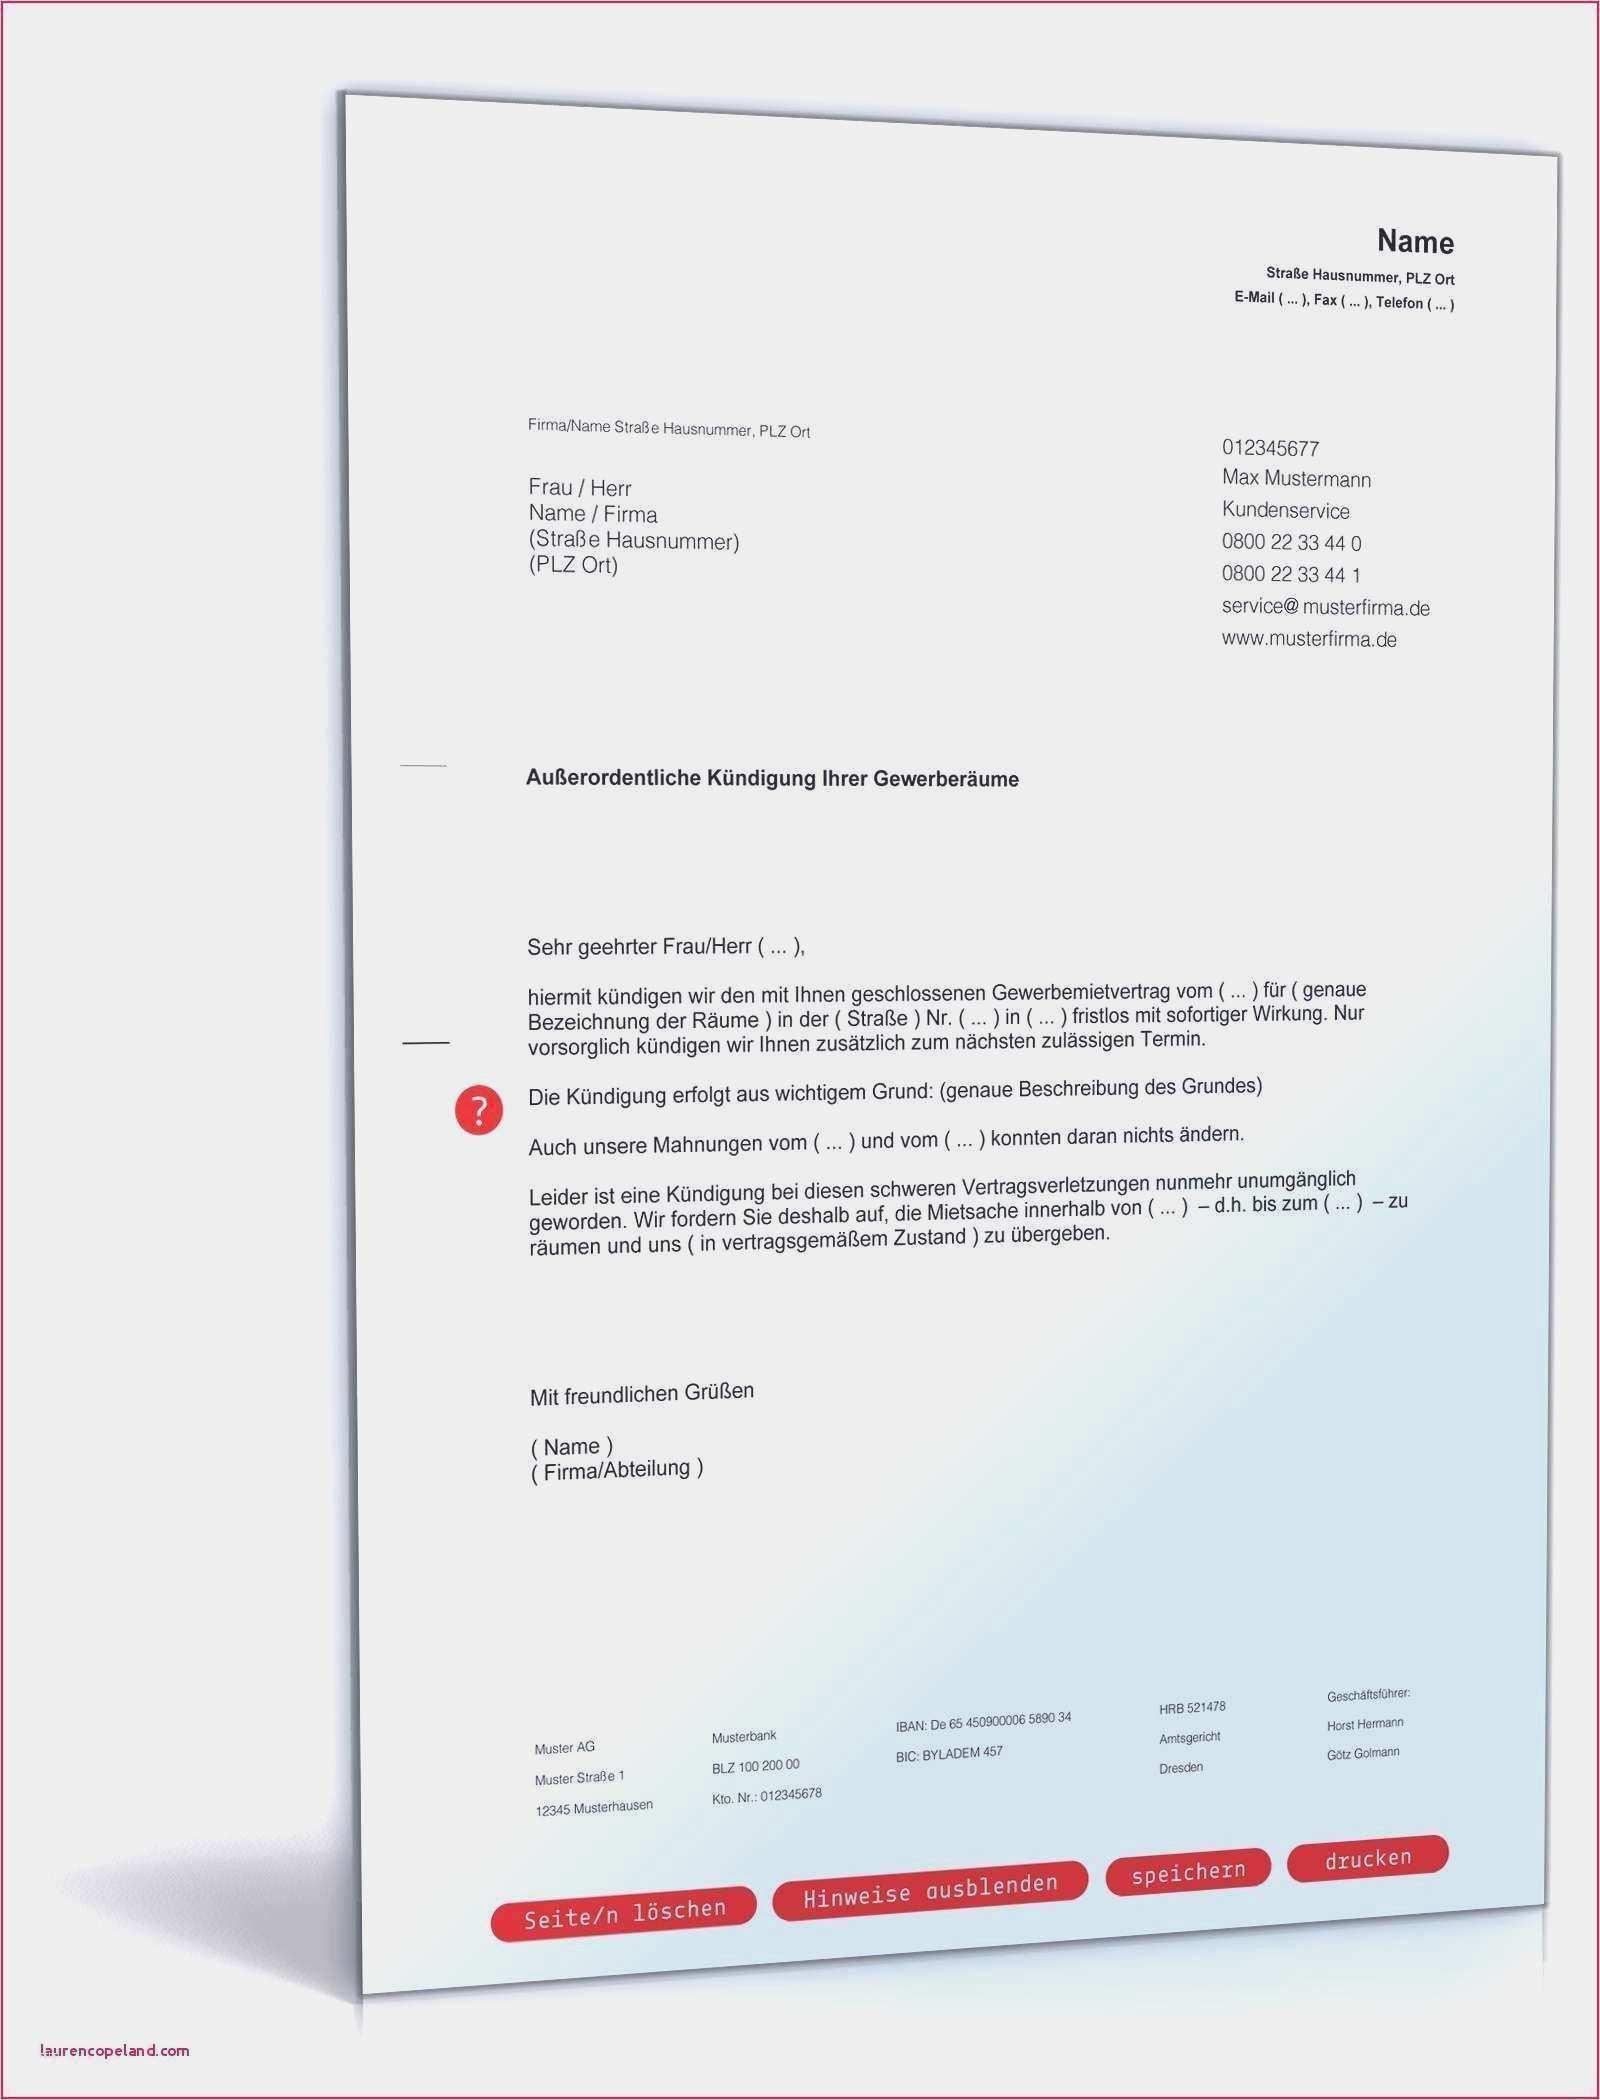 50 Angenehm Eprimo Kundigen Umzug Vorlage Foto Arbeitsvertrag Muster Kaufvertrag Vorlage Vorlagen